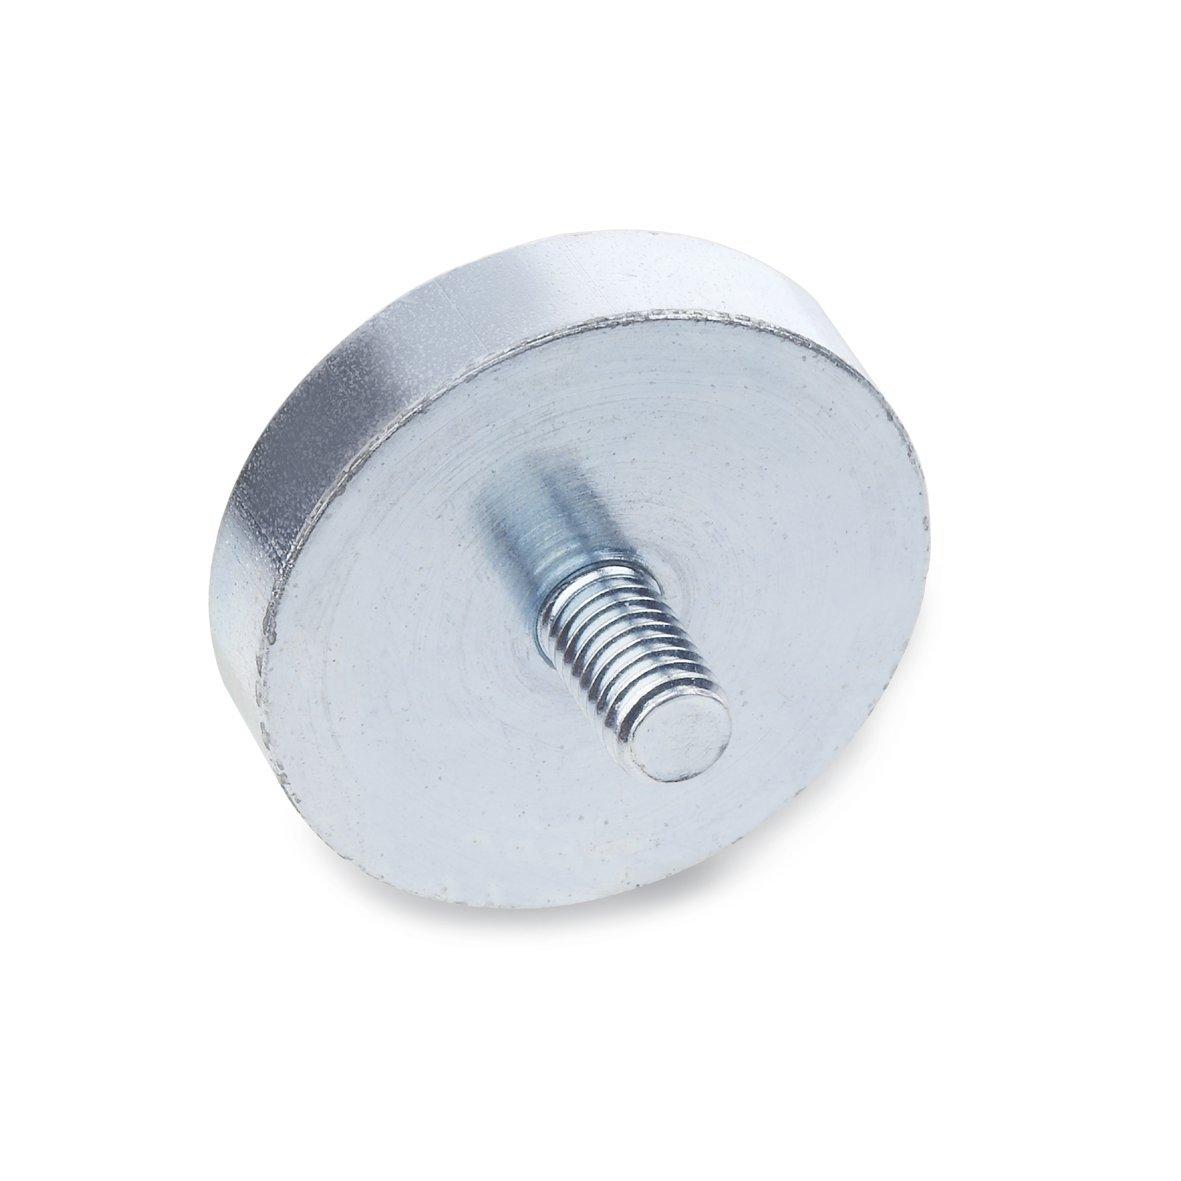 Ganter Normelemente GN 50.3-HF-32-M4 3-HF-32-M4-Haltemagnete mit Au/ßengewinde 32mm; Gewinde d2 M4 5 St/ück silber Durchmesser d1